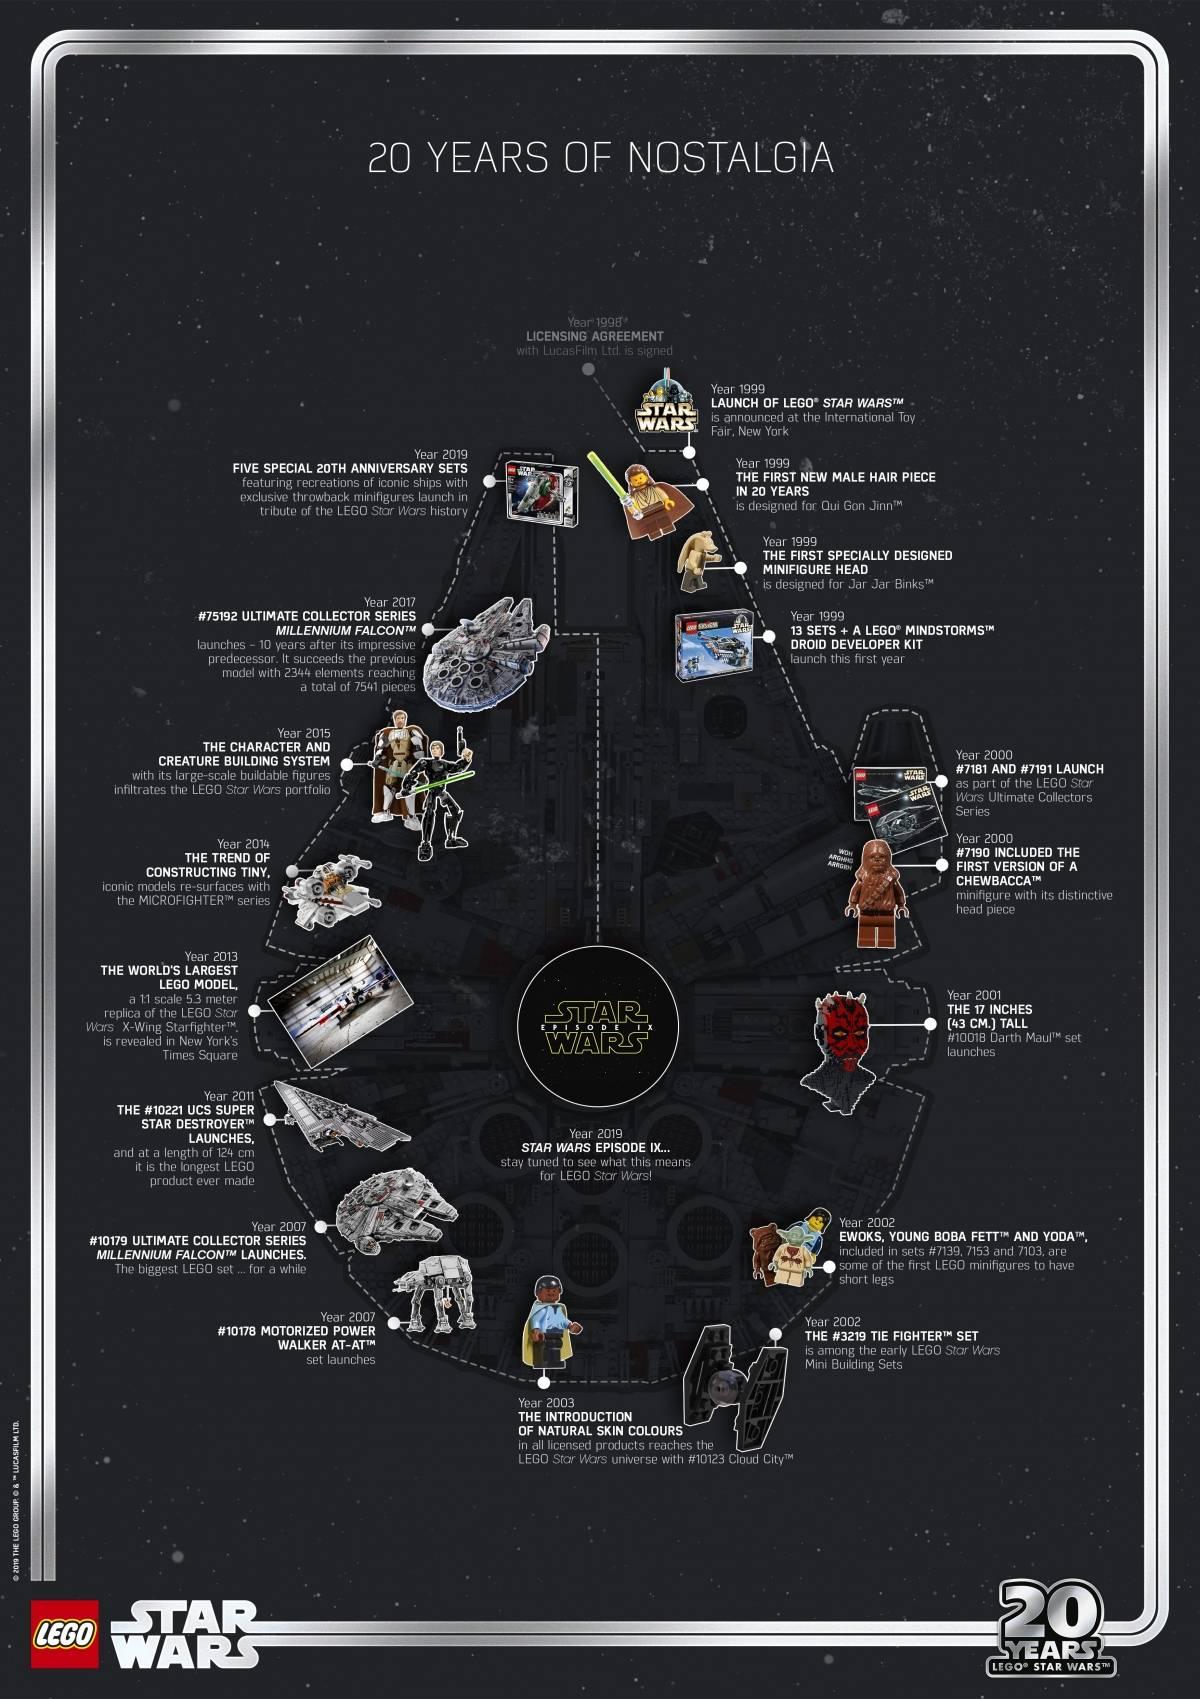 Lego выпустила пять наборов к 20-летию Lego Star Wars 2